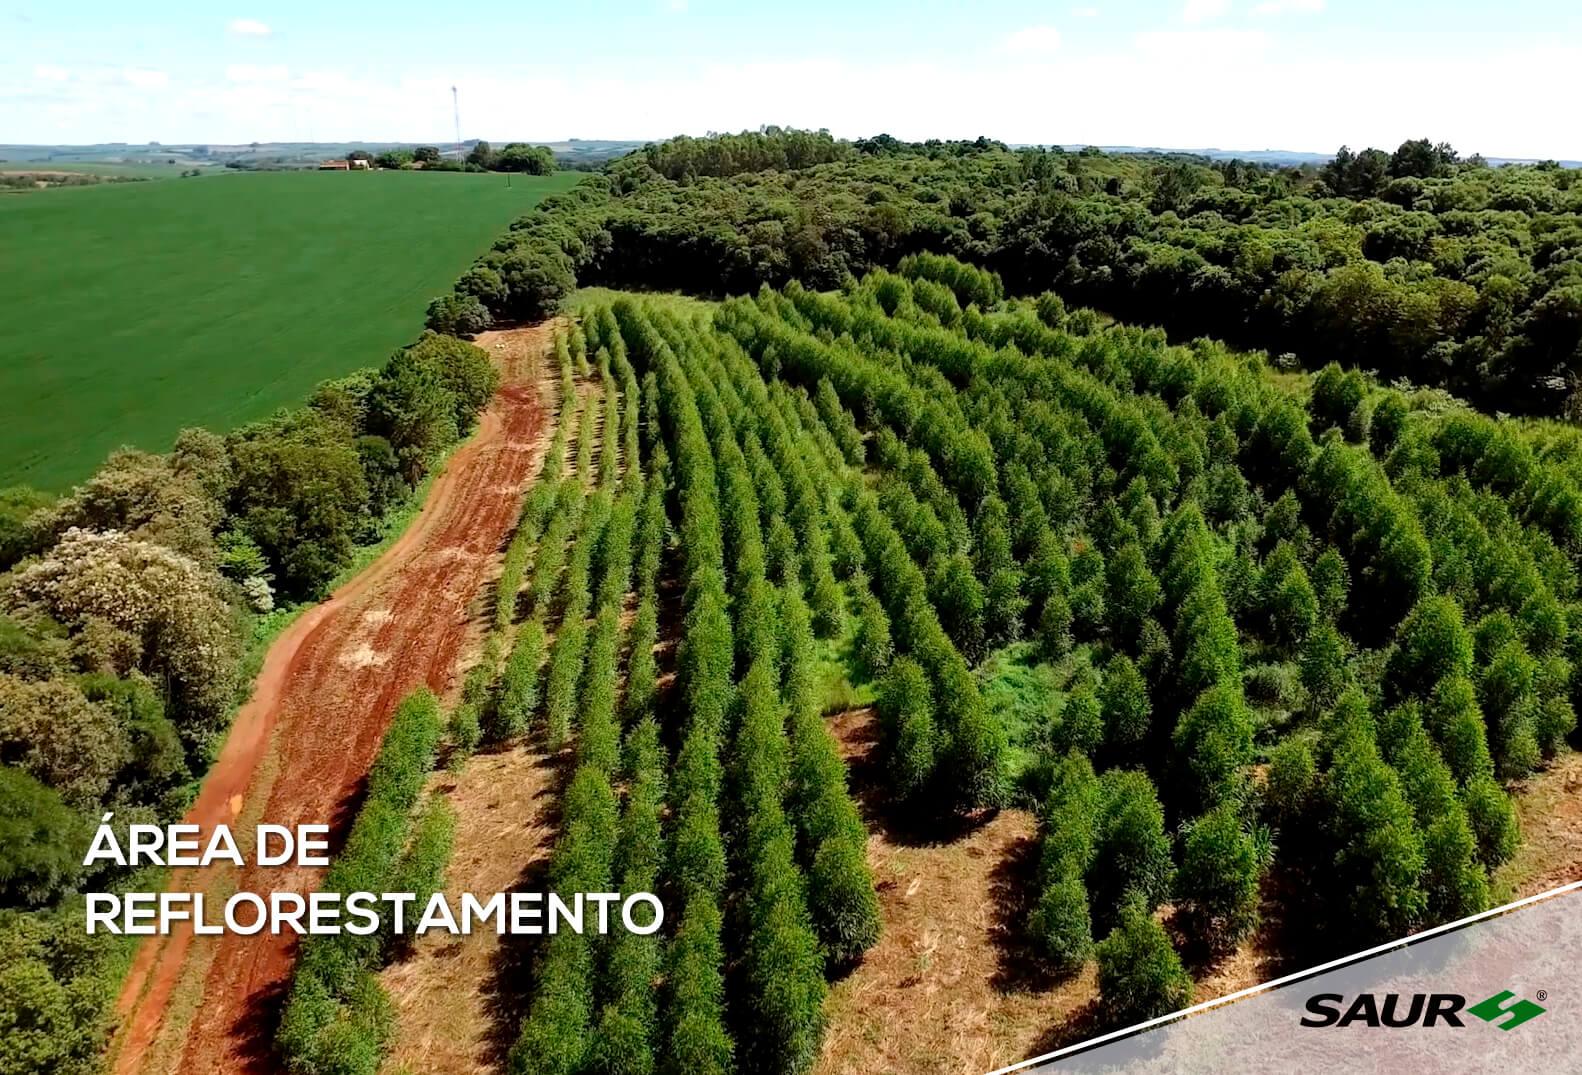 Preservação do Meio Ambiente - Reflorestamento